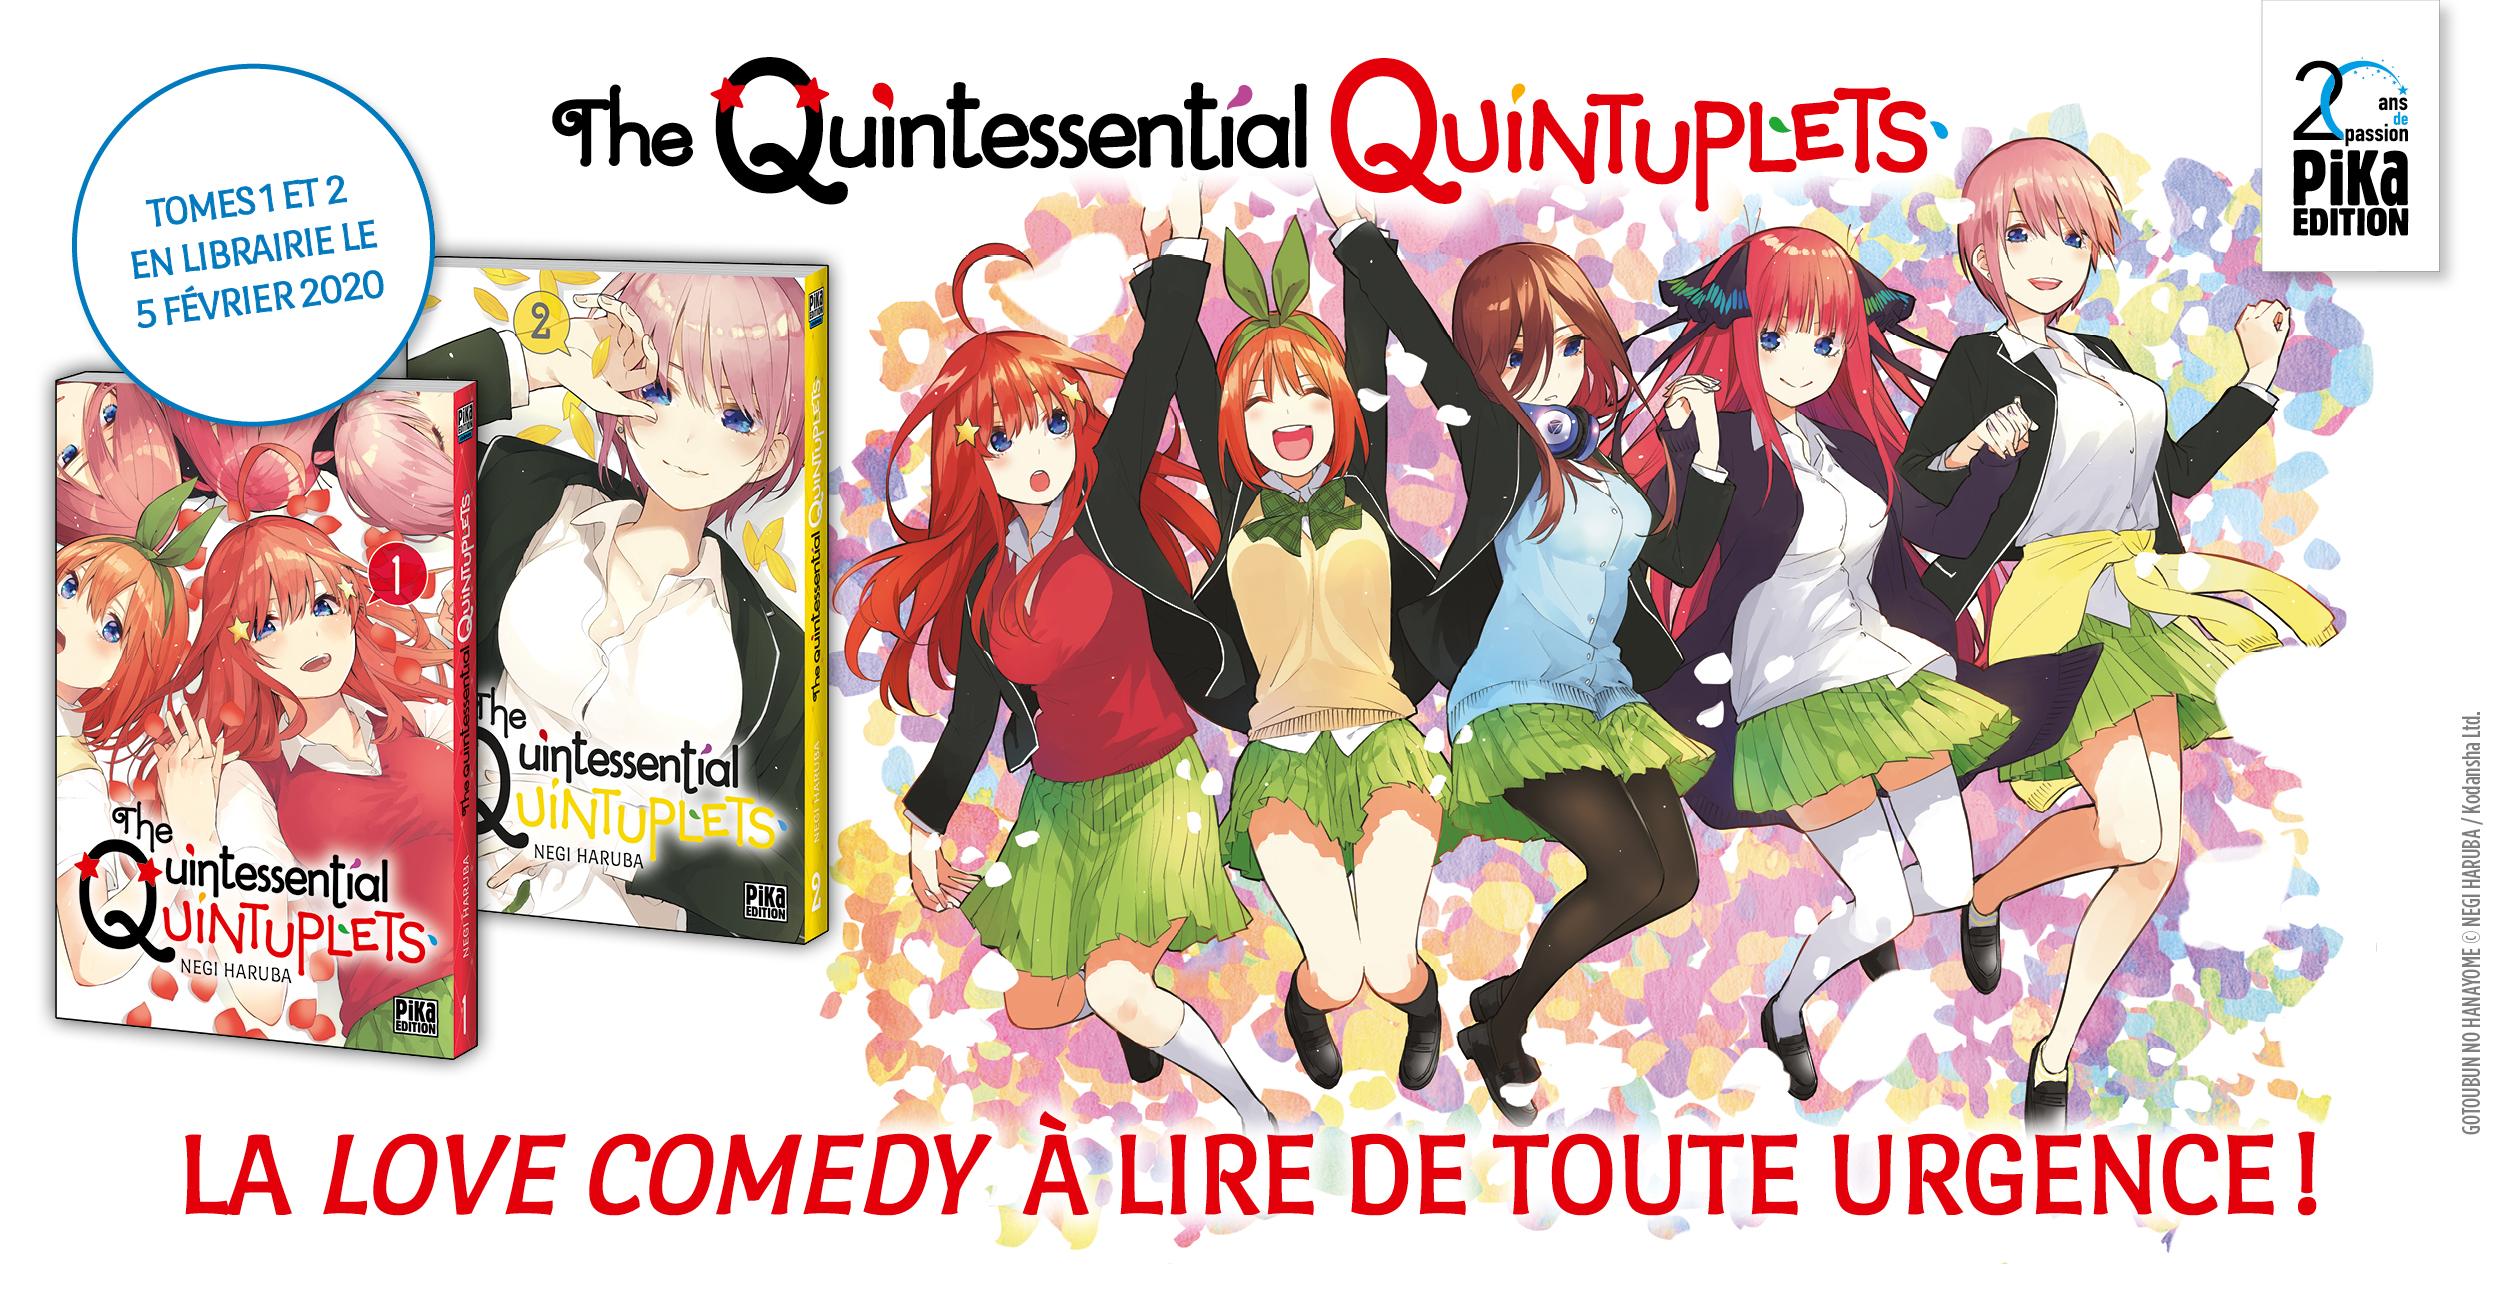 Bannière Annonce The Quintessential Quintuplets